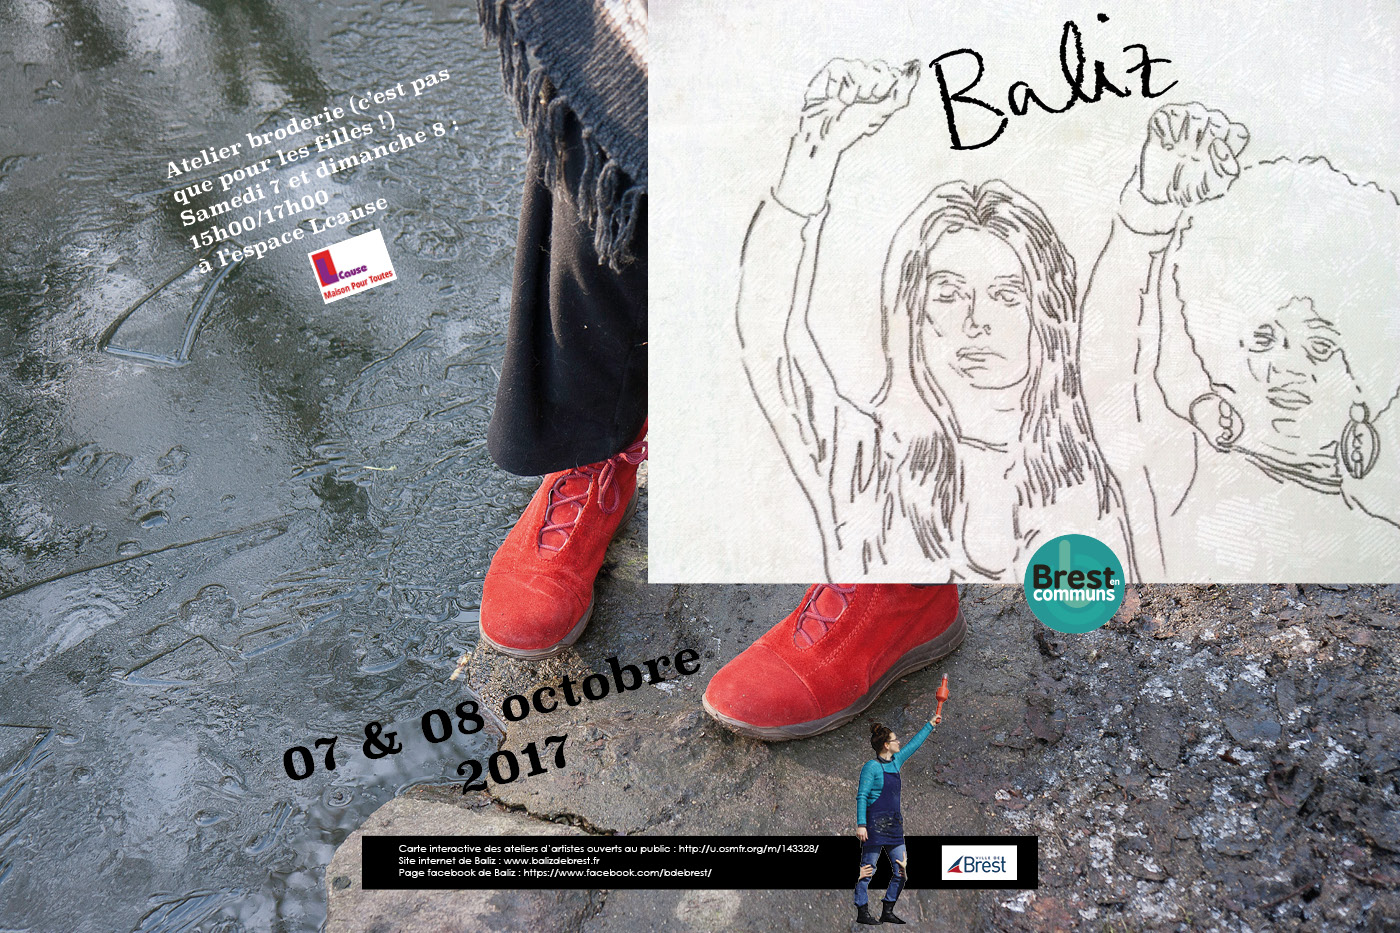 Affiche pour les portes ouvertes des ateliers d'artistes 2017 de Marie-Claire Raoul